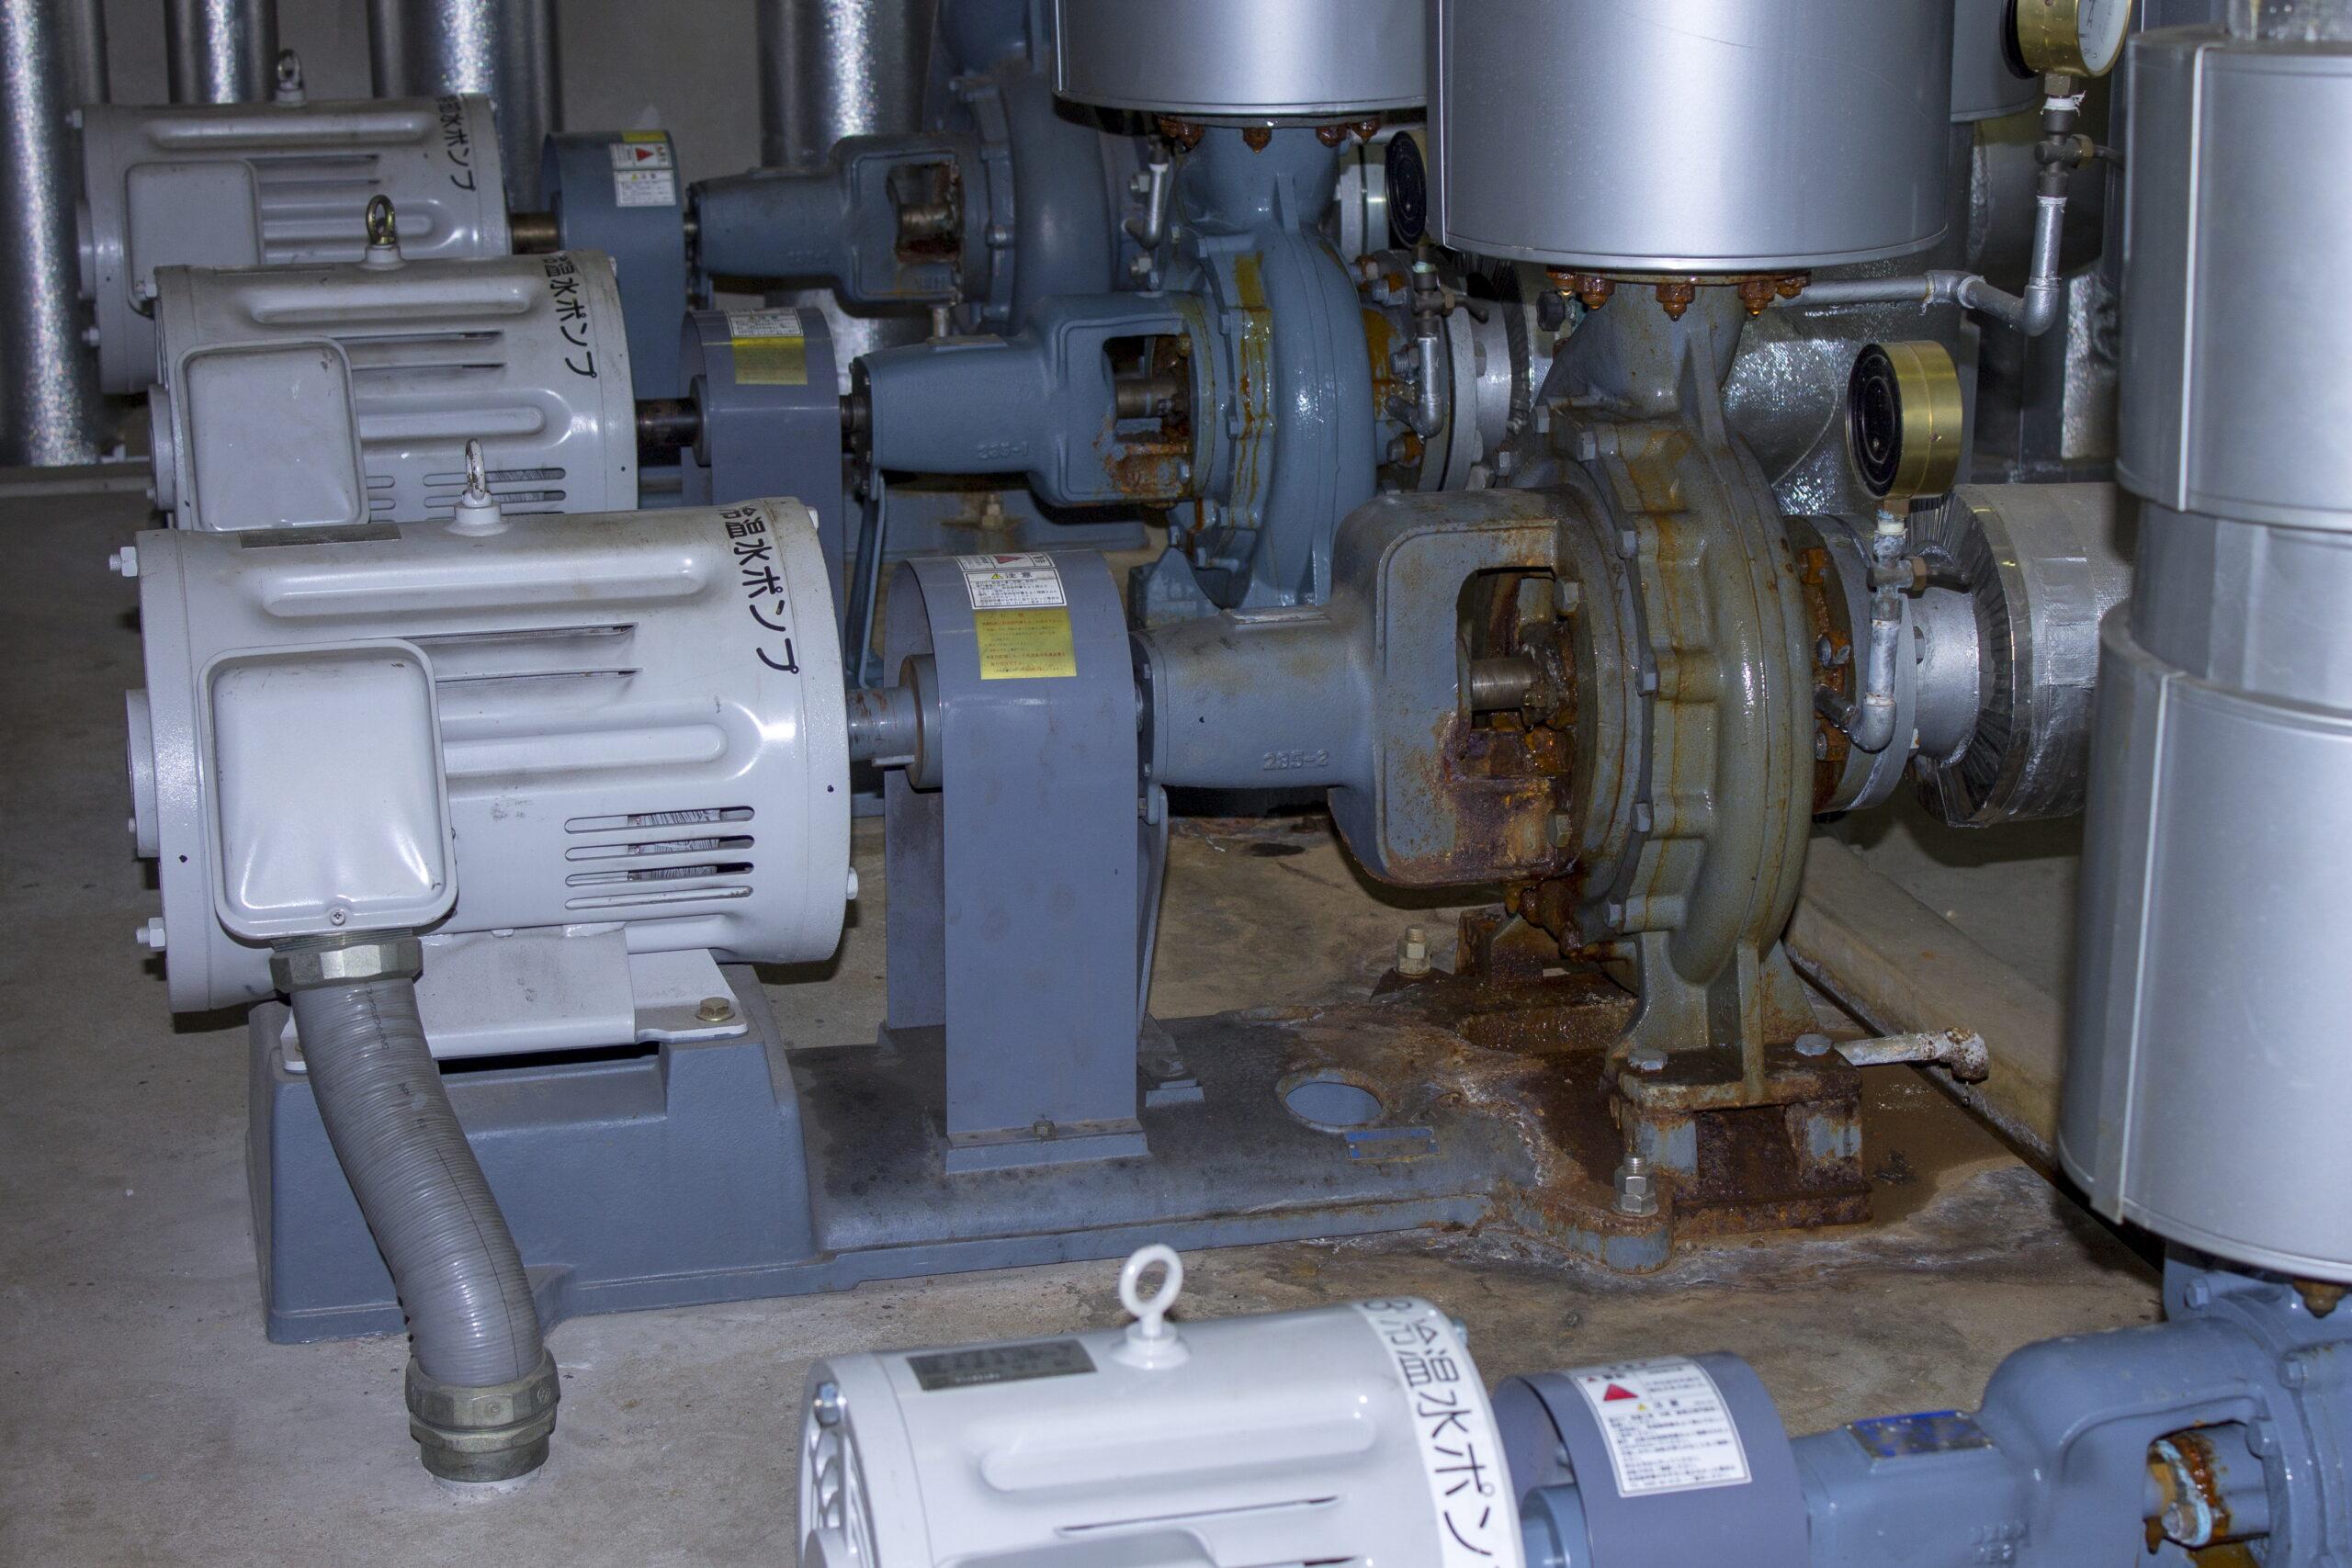 ポンプ 錆 故障 水処理 液体 工場 現場 メンテナンス 腐食